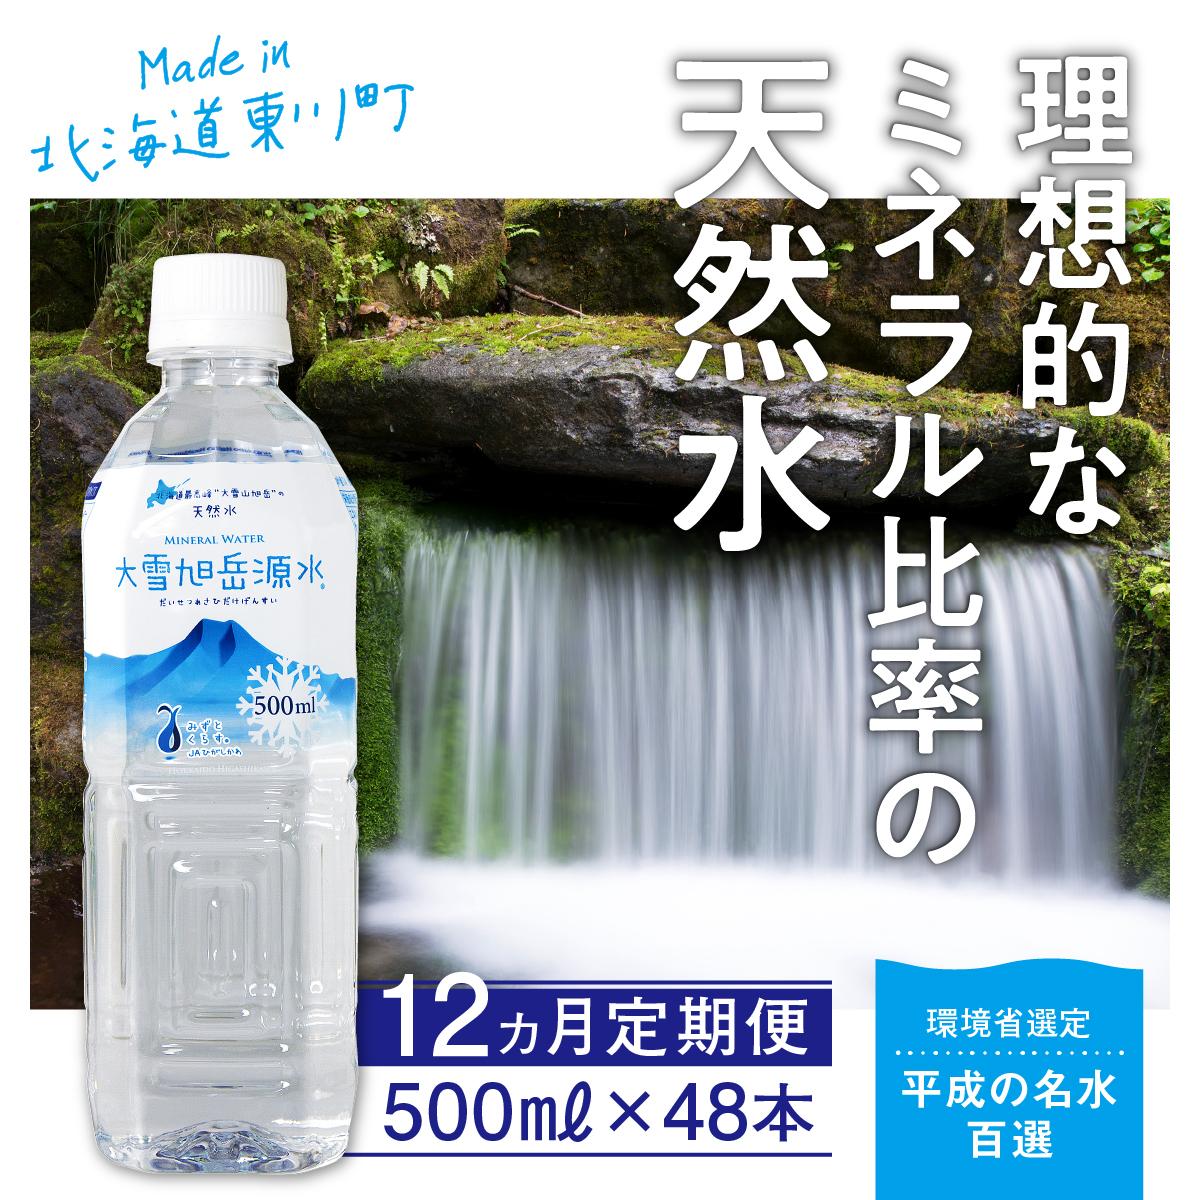 【定期便12回配送】まいにちが、天然水。「大雪旭岳源水」〈500ml×48本×12回配送〉【21012013】